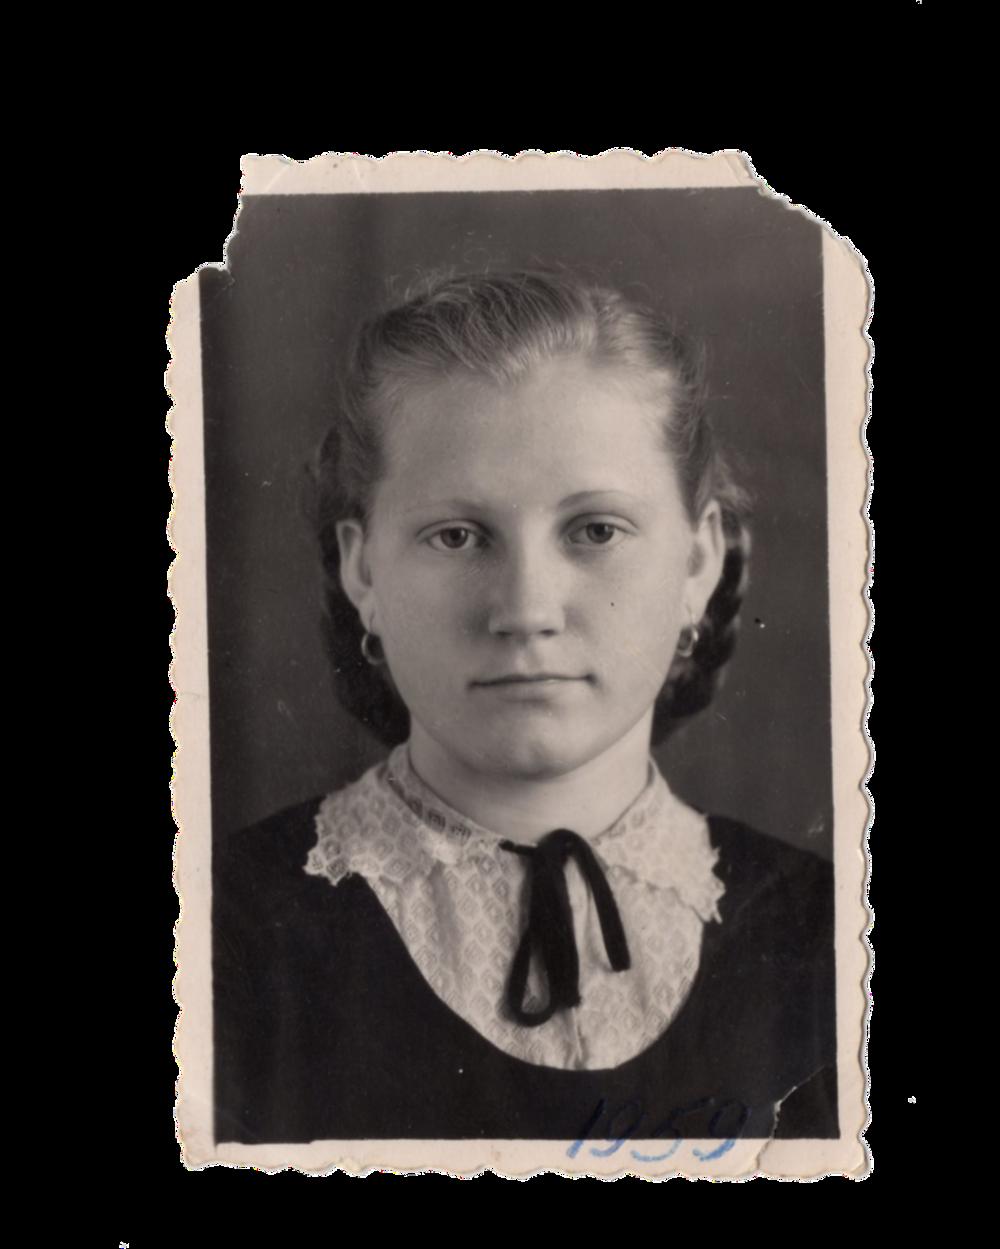 Фото, яке Ганна відправила батькові,1959. Джерело: Меморіальний музей «Територія Терору»